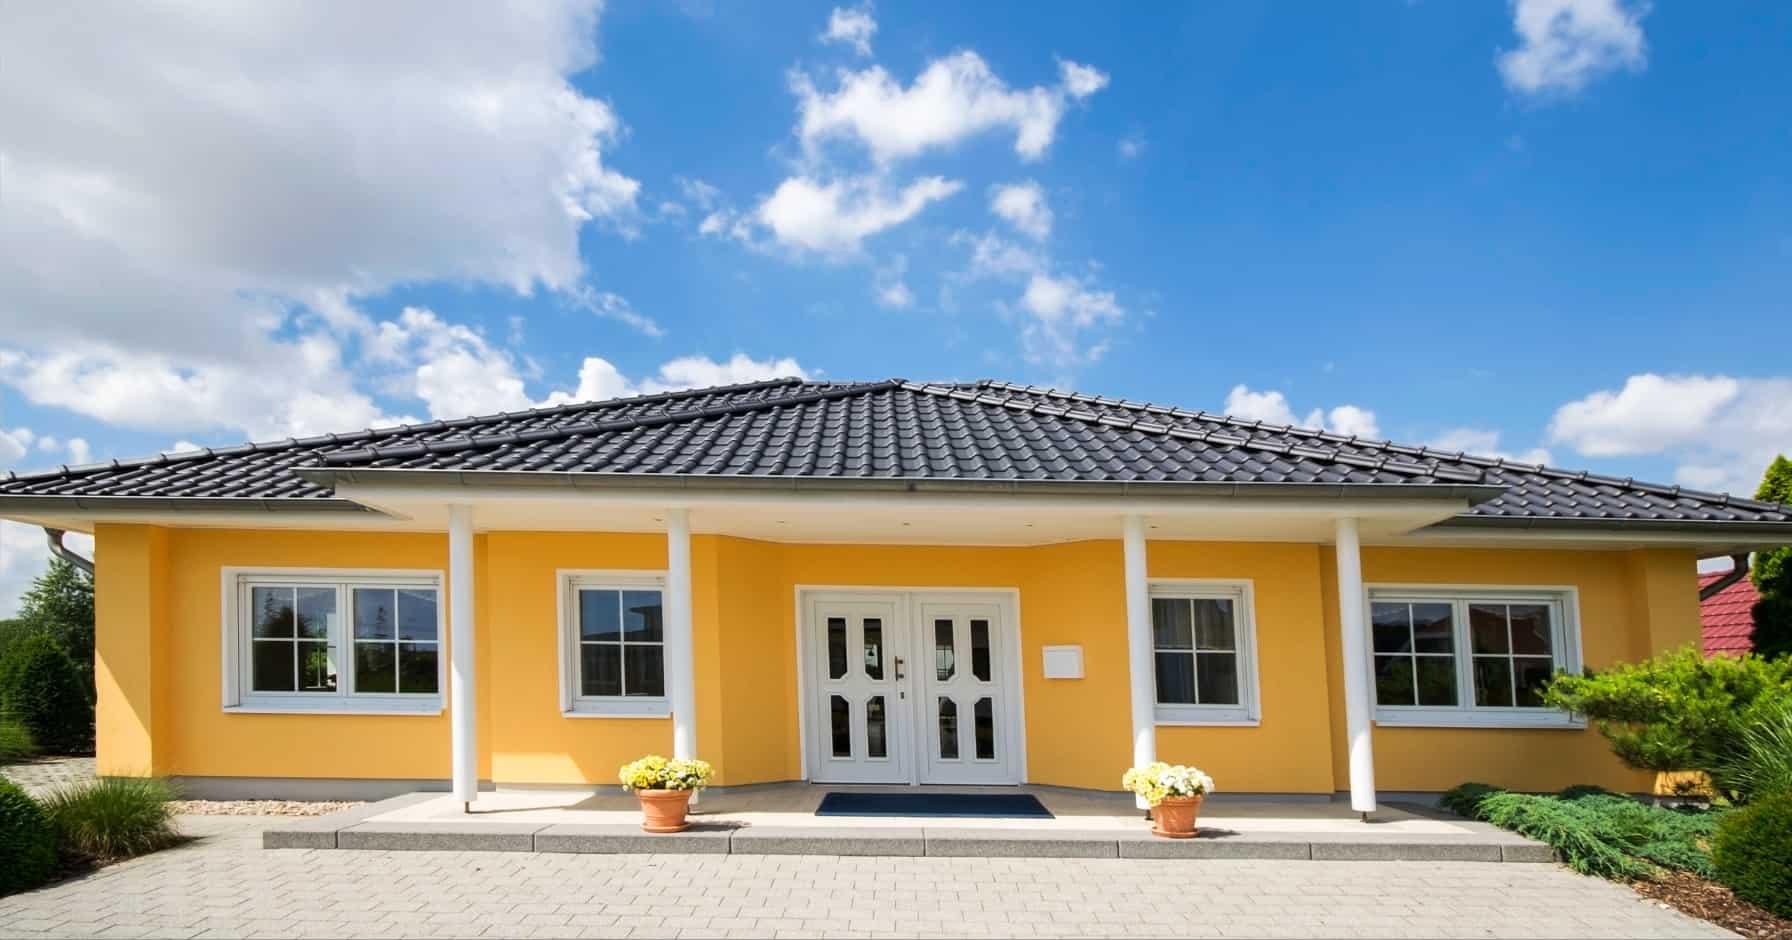 Haus mit Erfolg verkaufen Das müssen Sie wissen